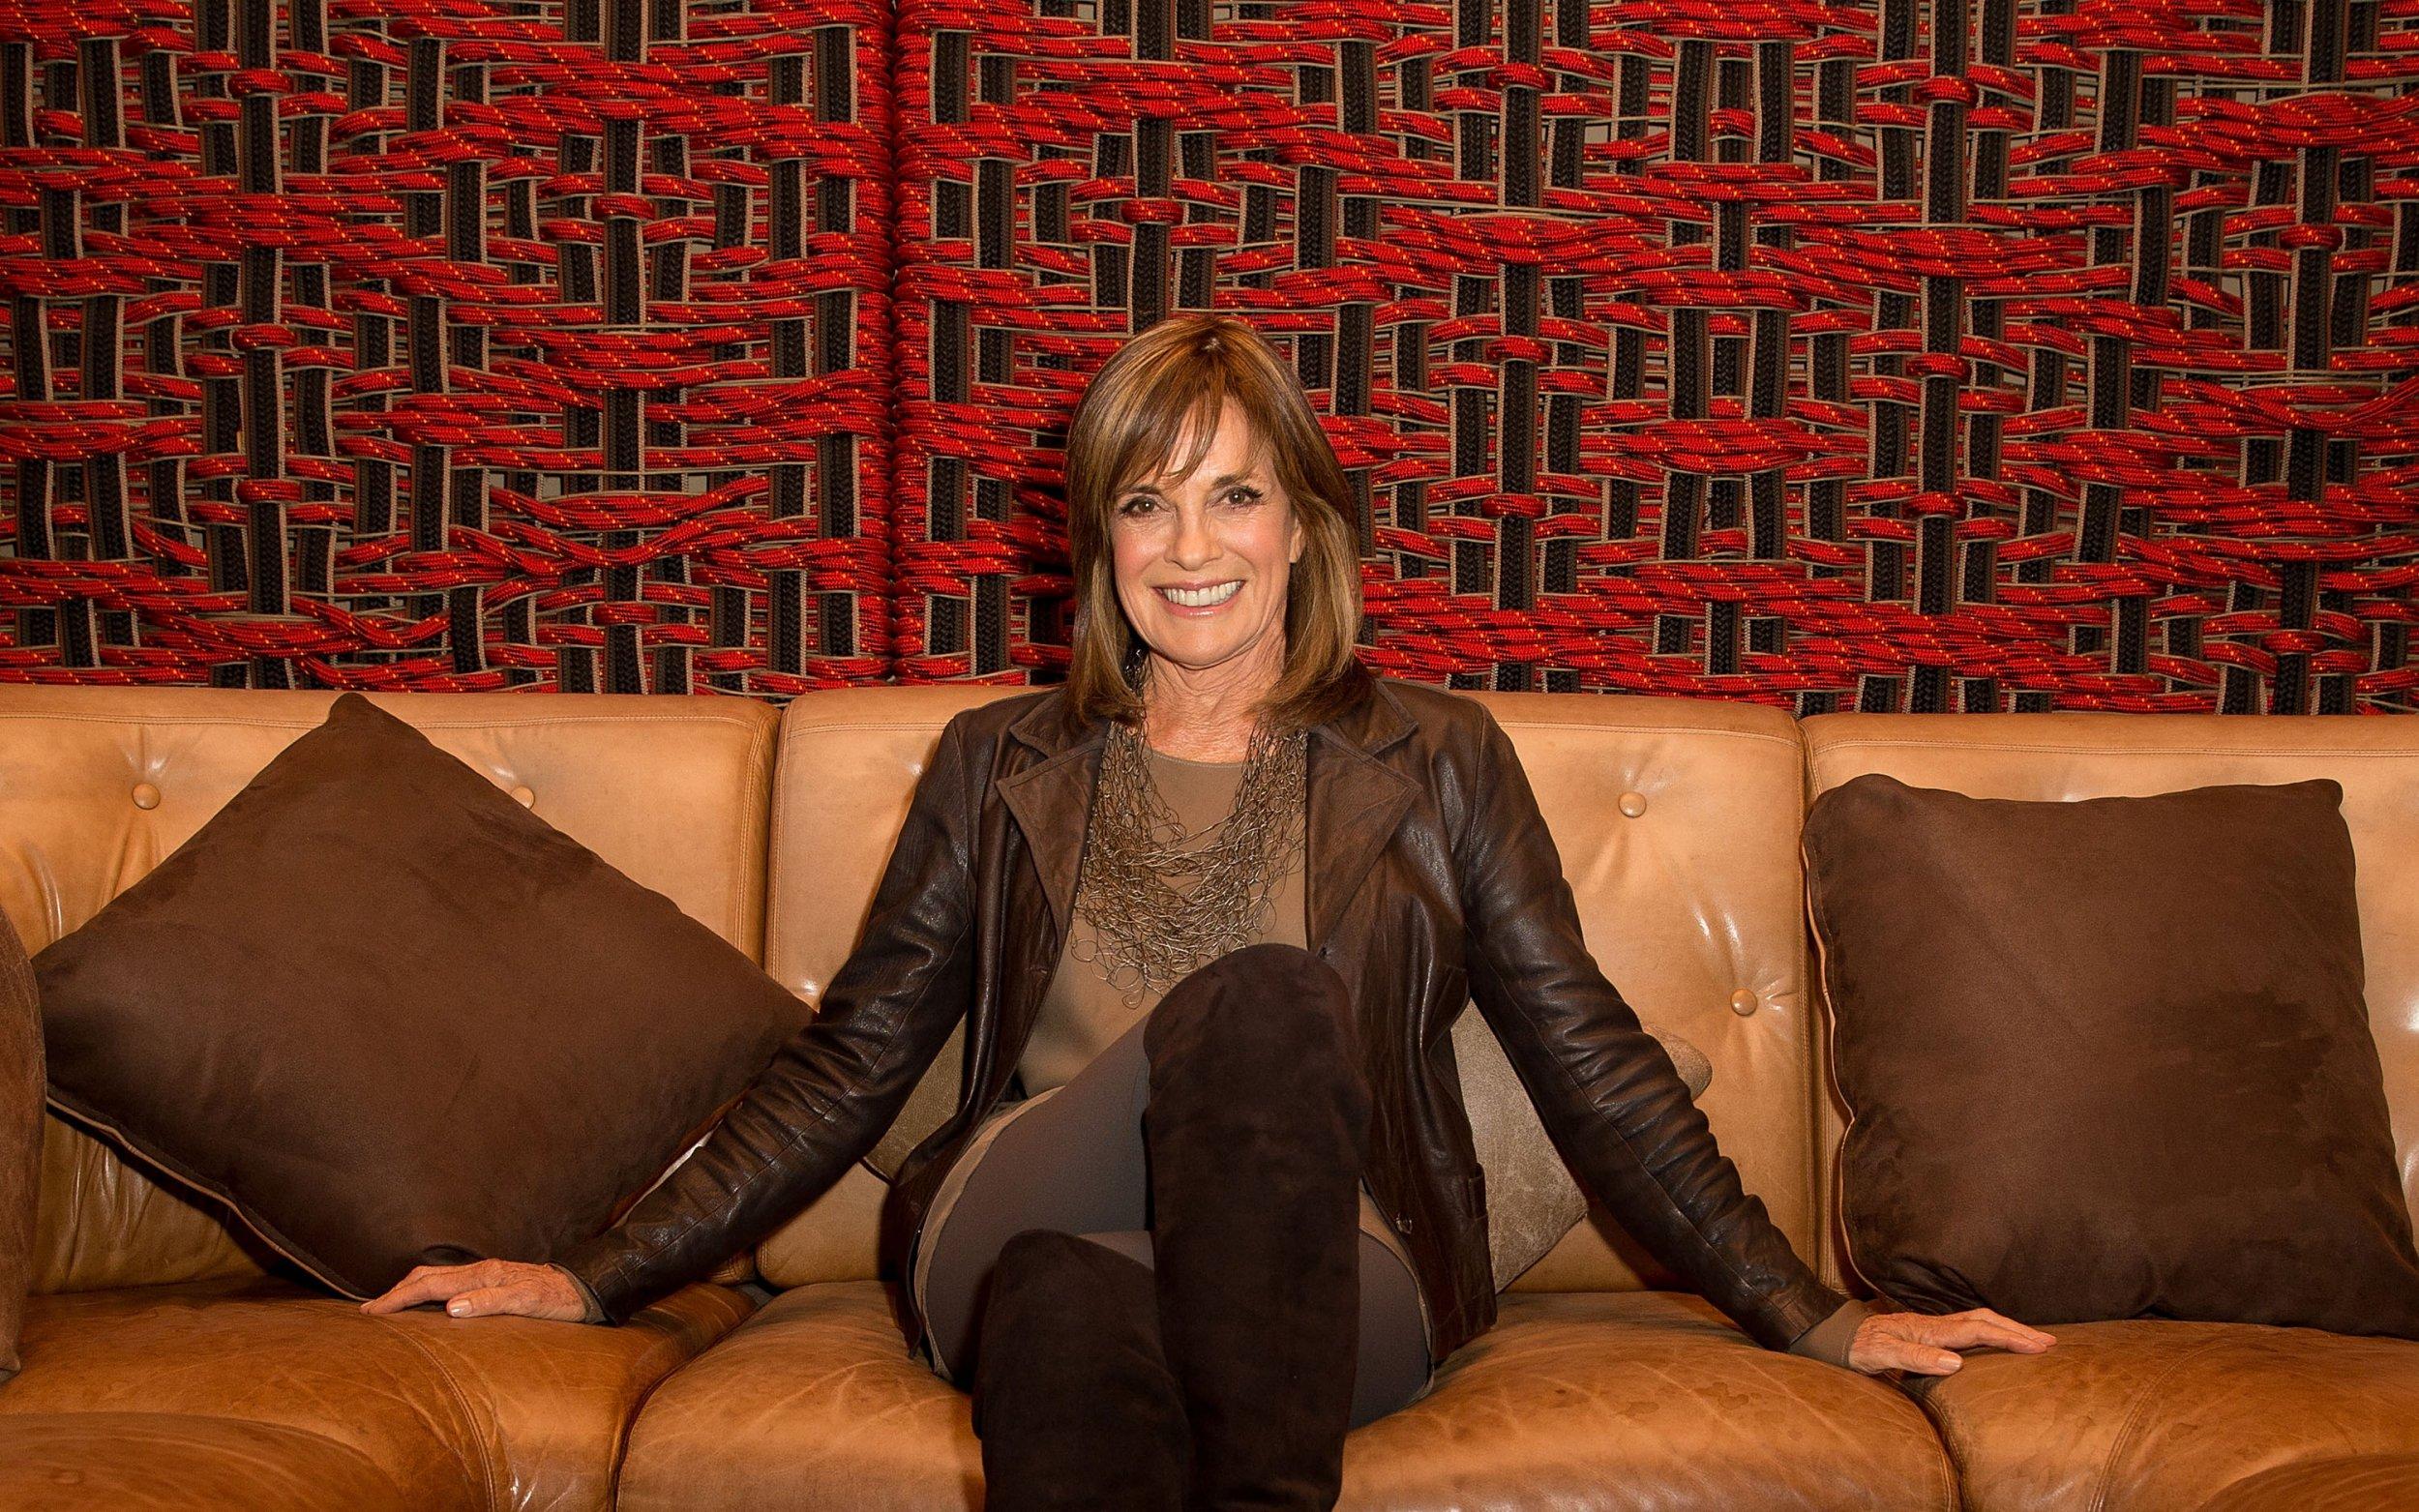 Linda Gray Swaps Dallas For UK Soap Opera Role